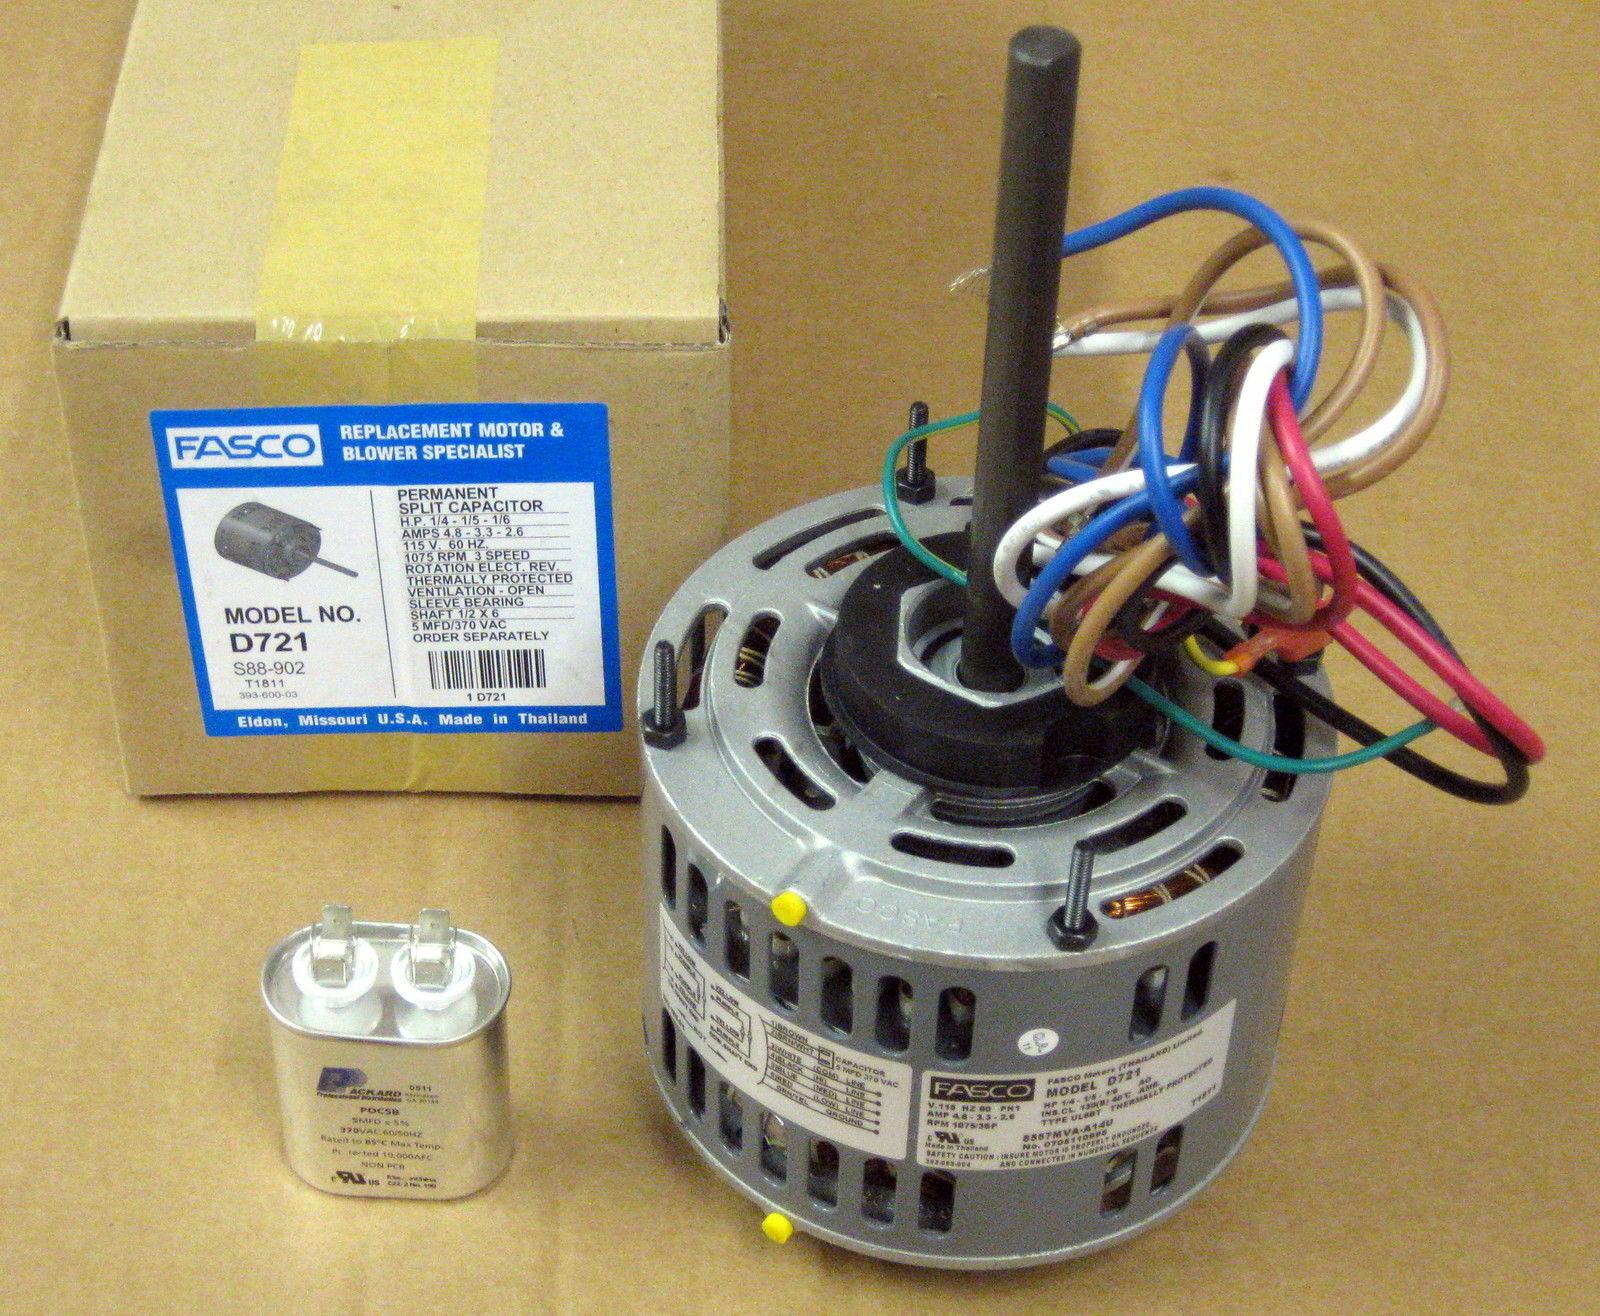 D721-5 Fasco 1/4 Hp 1075 115 v 3 Speed Furnace Blower Fan Motor w/  Capacitor for sale onlineeBay